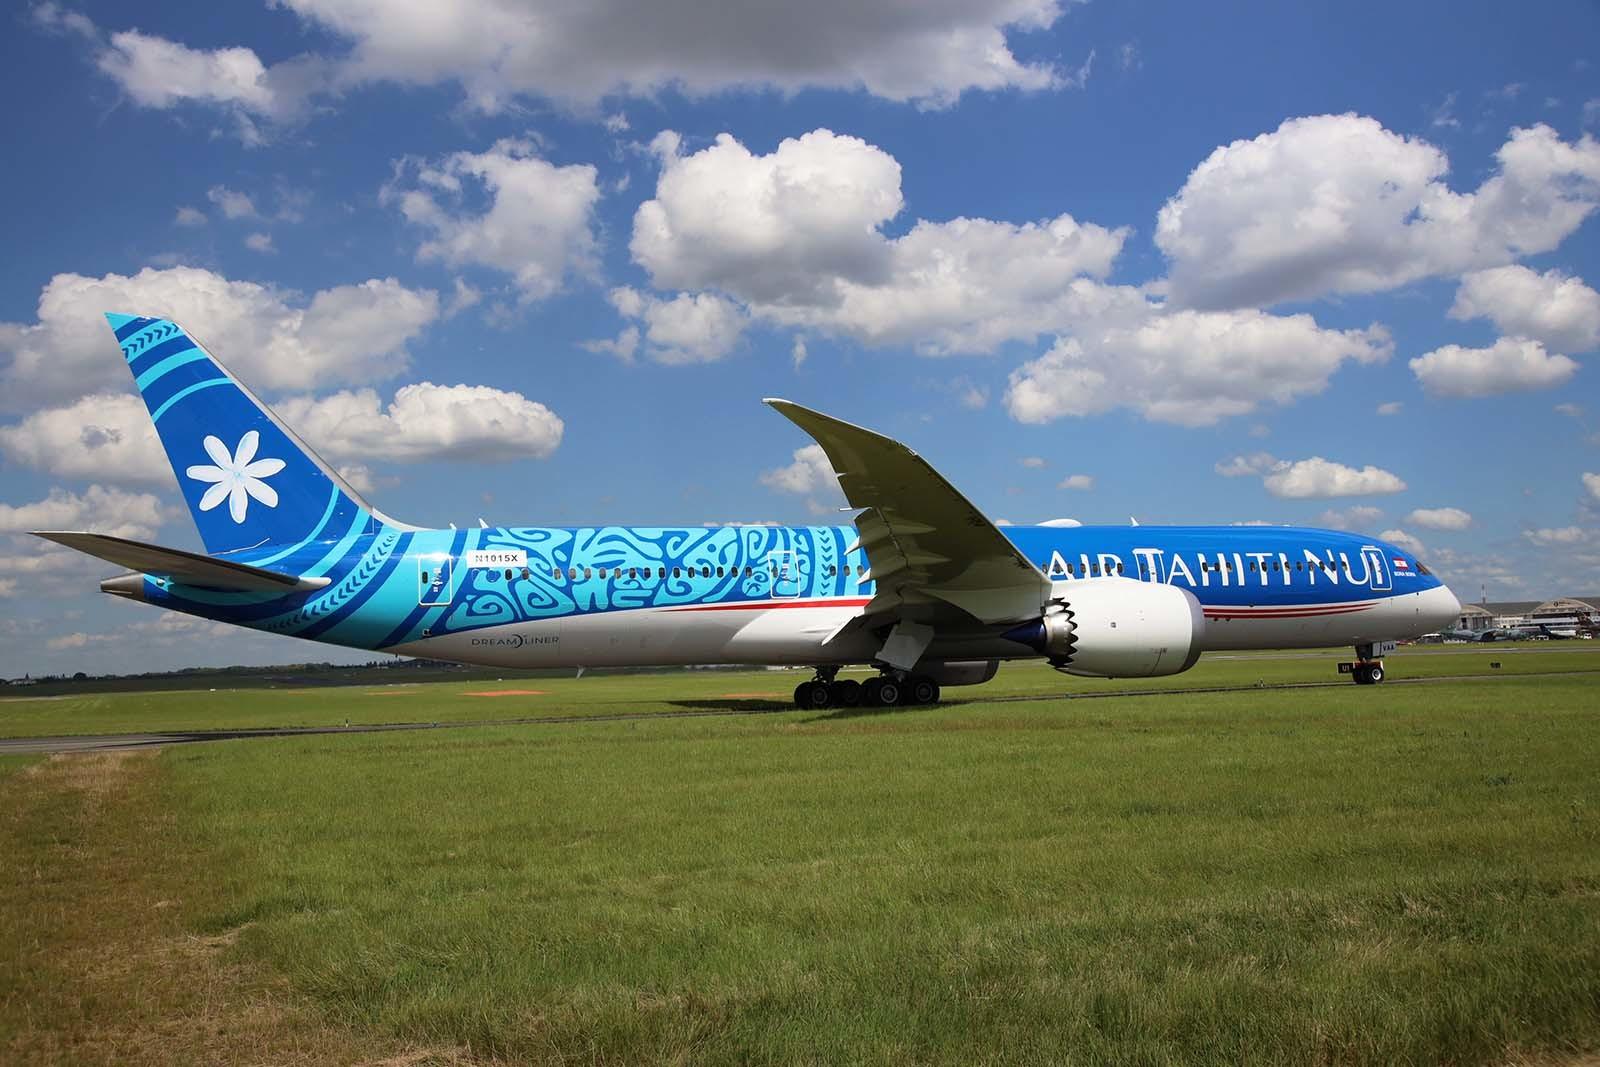 パリエアショー2019 06「FLIGHT DISPLAY 02」_b0315809_12121061.jpg